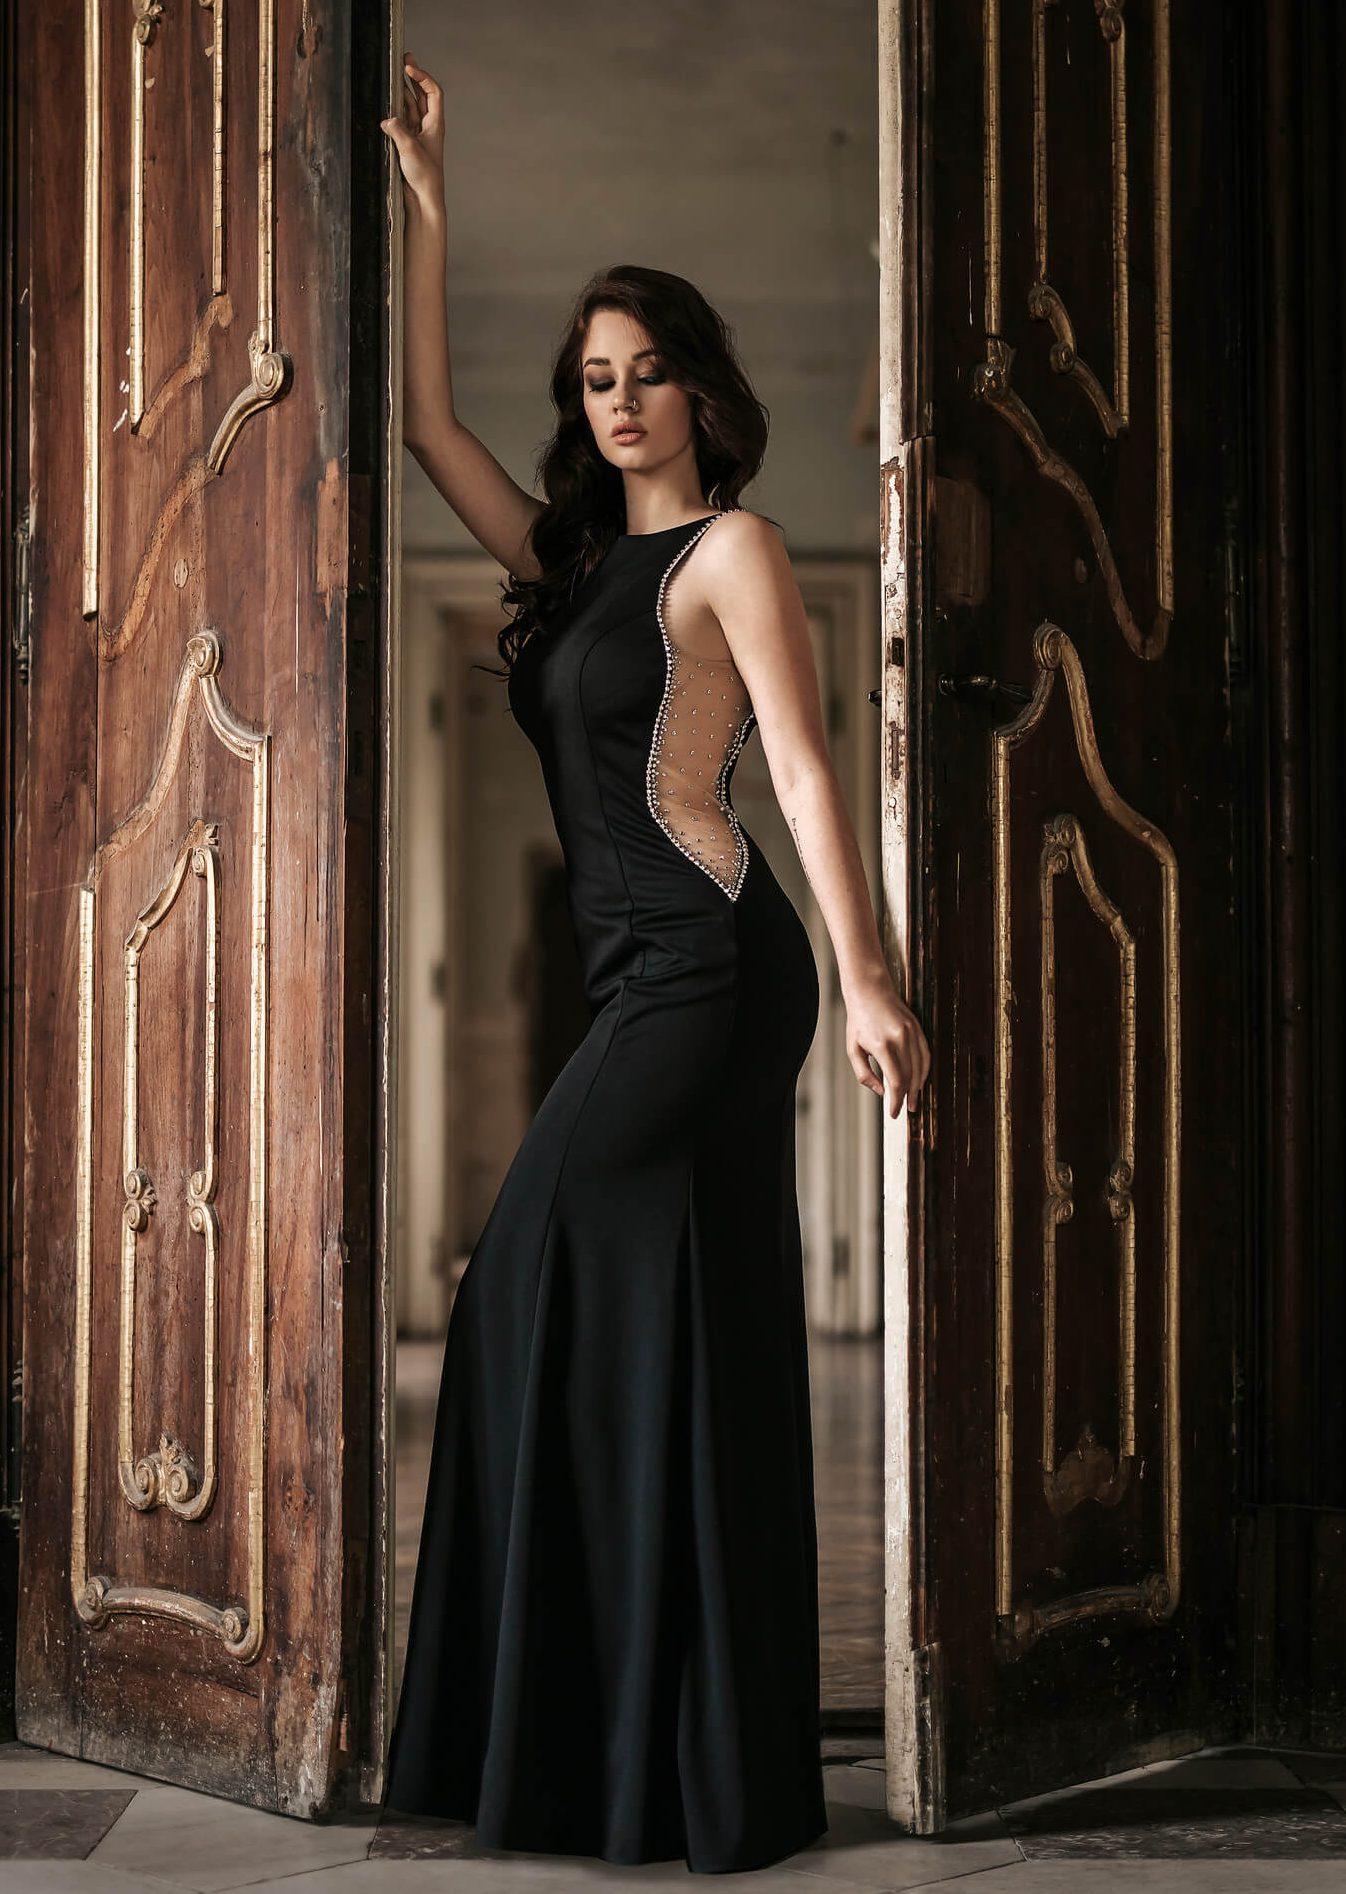 dolga_crna_prosojna_vecerna_svecana_obleka_s_kristali